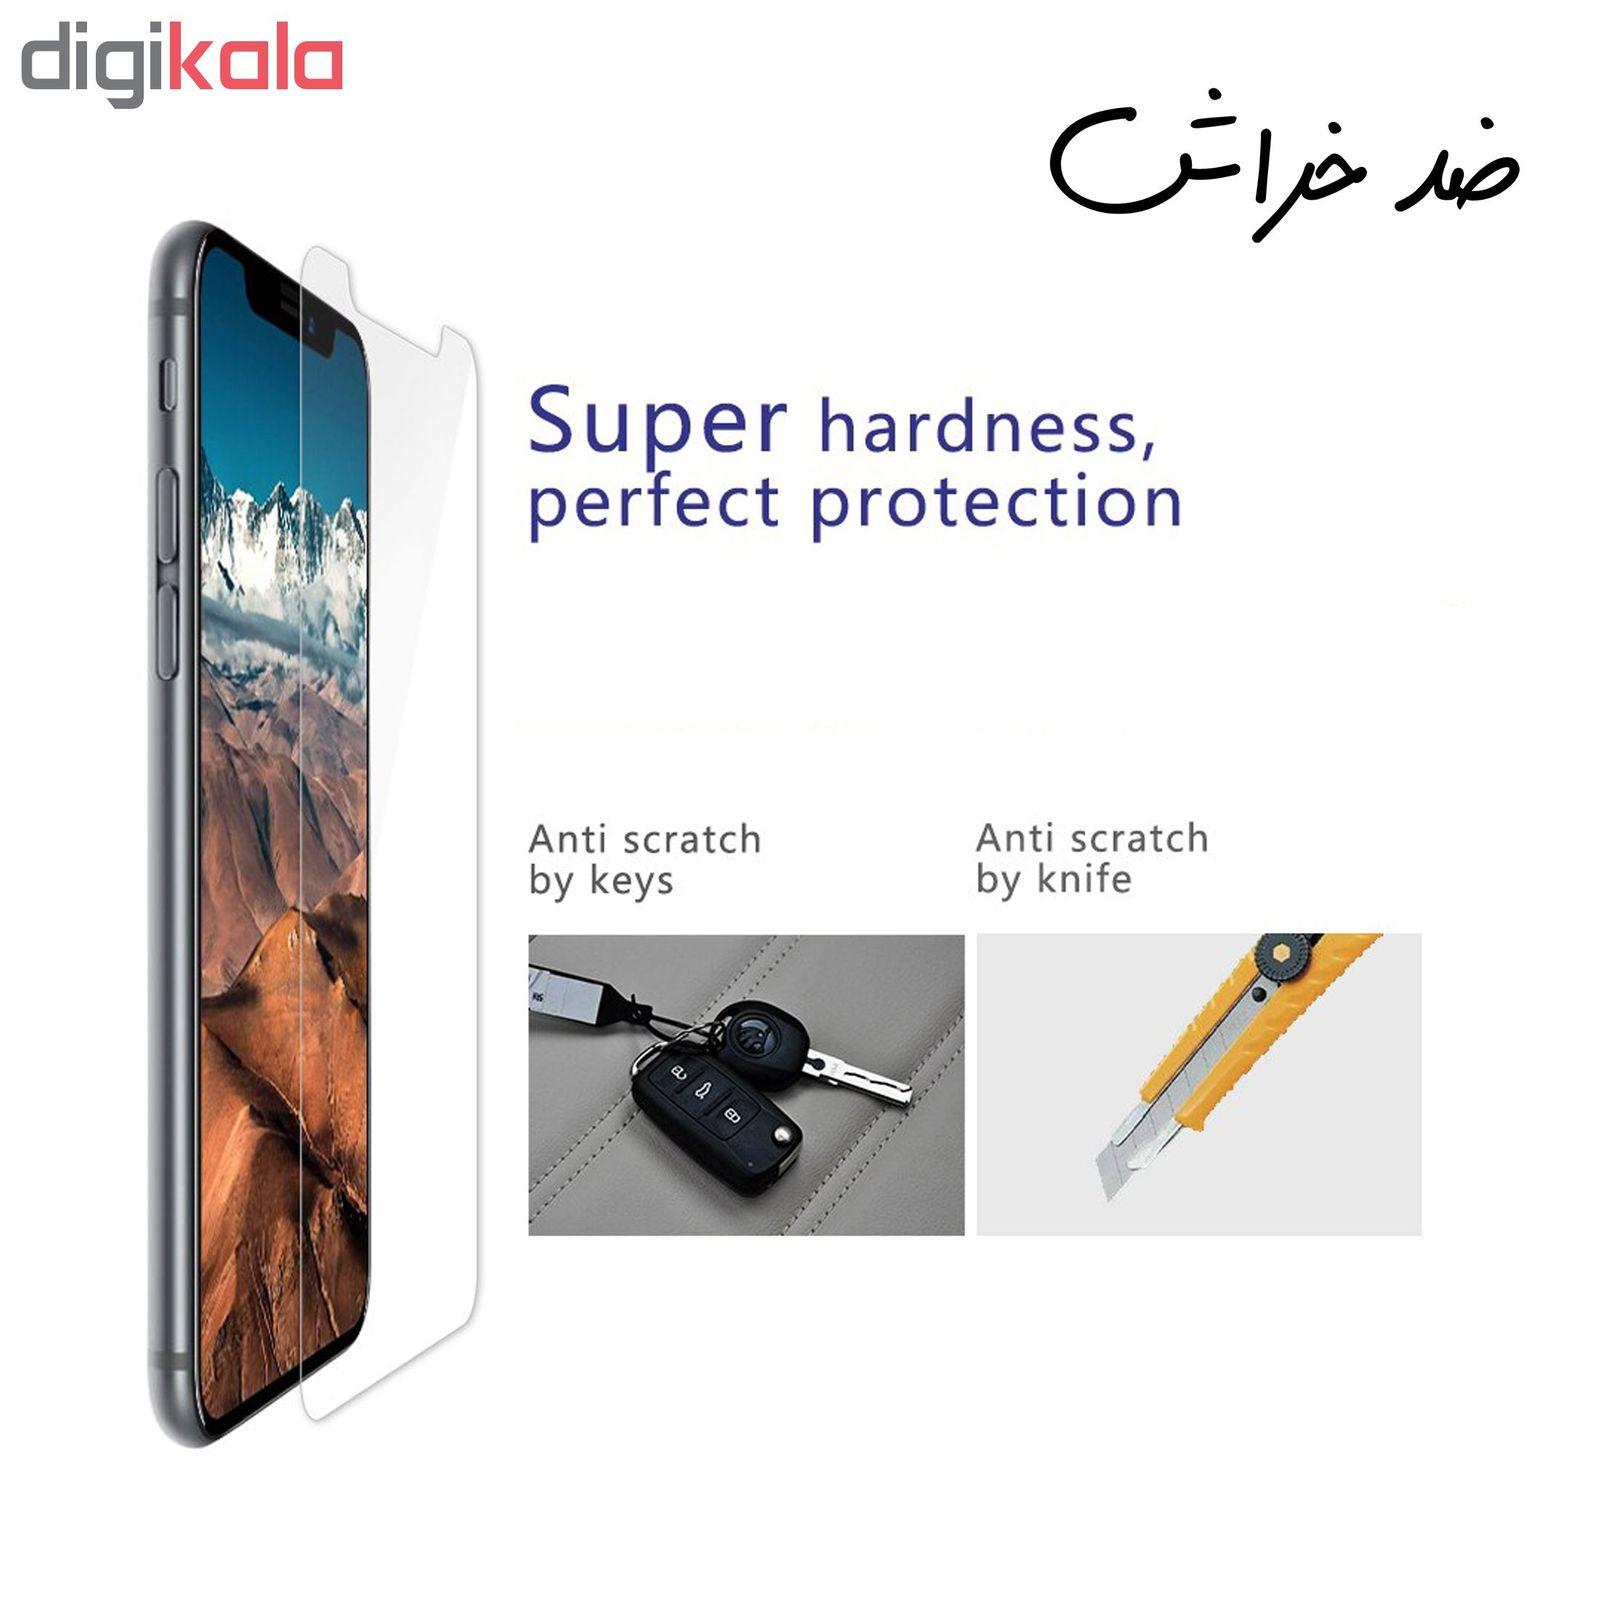 محافظ صفحه نمایش Hard and thick مدل F-01 مناسب برای گوشی موبایل سامسونگ Galaxy A80 main 1 4